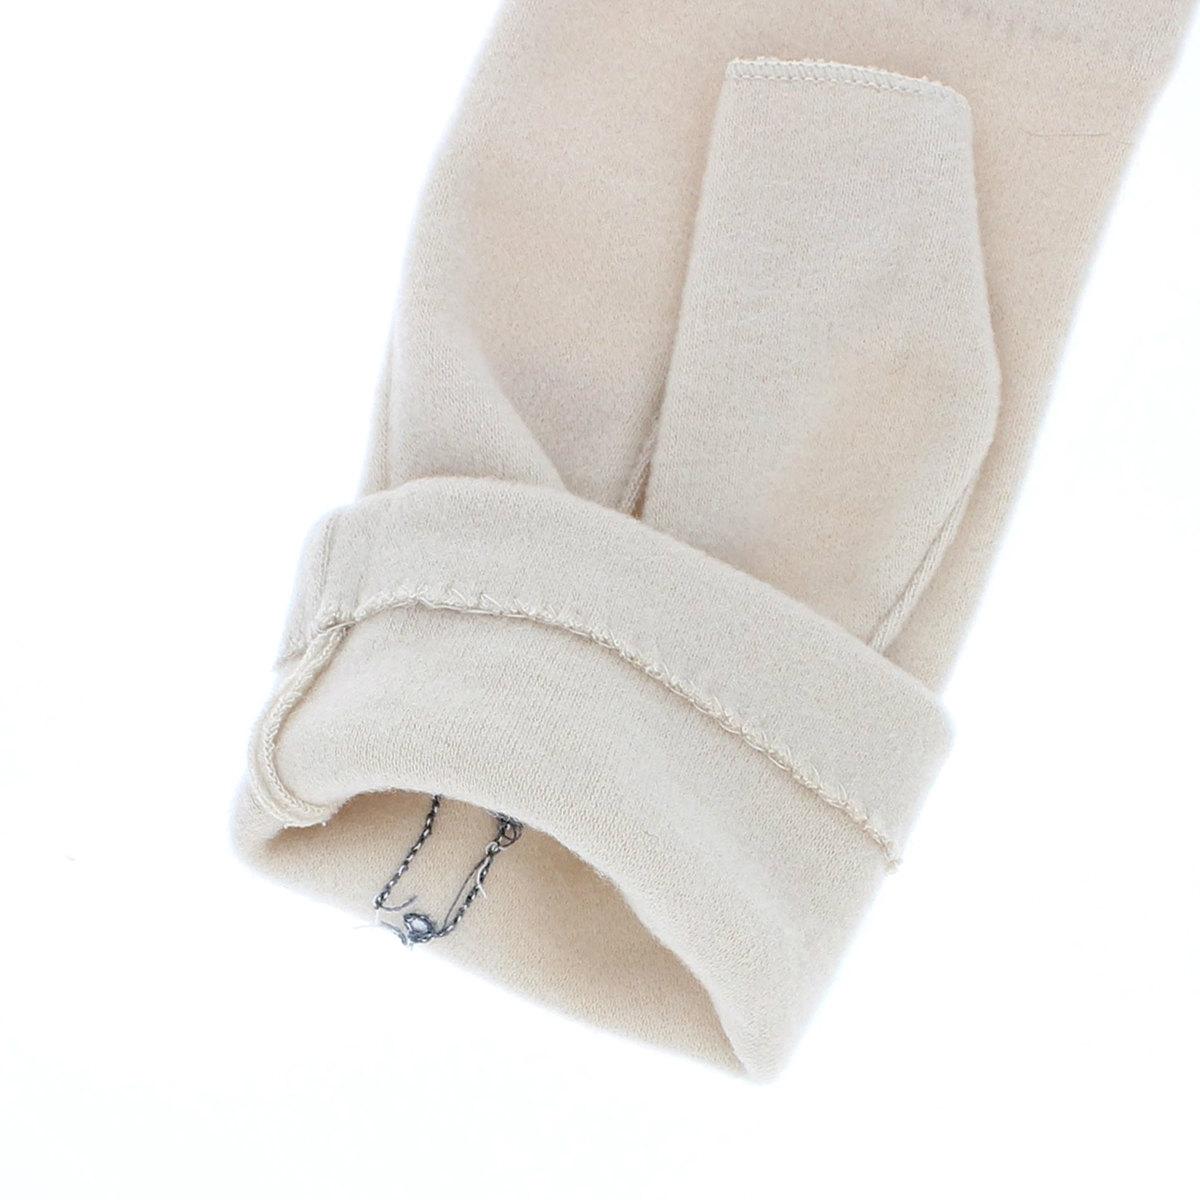 ピッコーネ レディース ジャージ手袋 指なし手袋 秋冬 スマホ タッチパネル対応 柔らかな肌触り アクリルテンセル おしゃれ アシンメトリー アップリケ柄